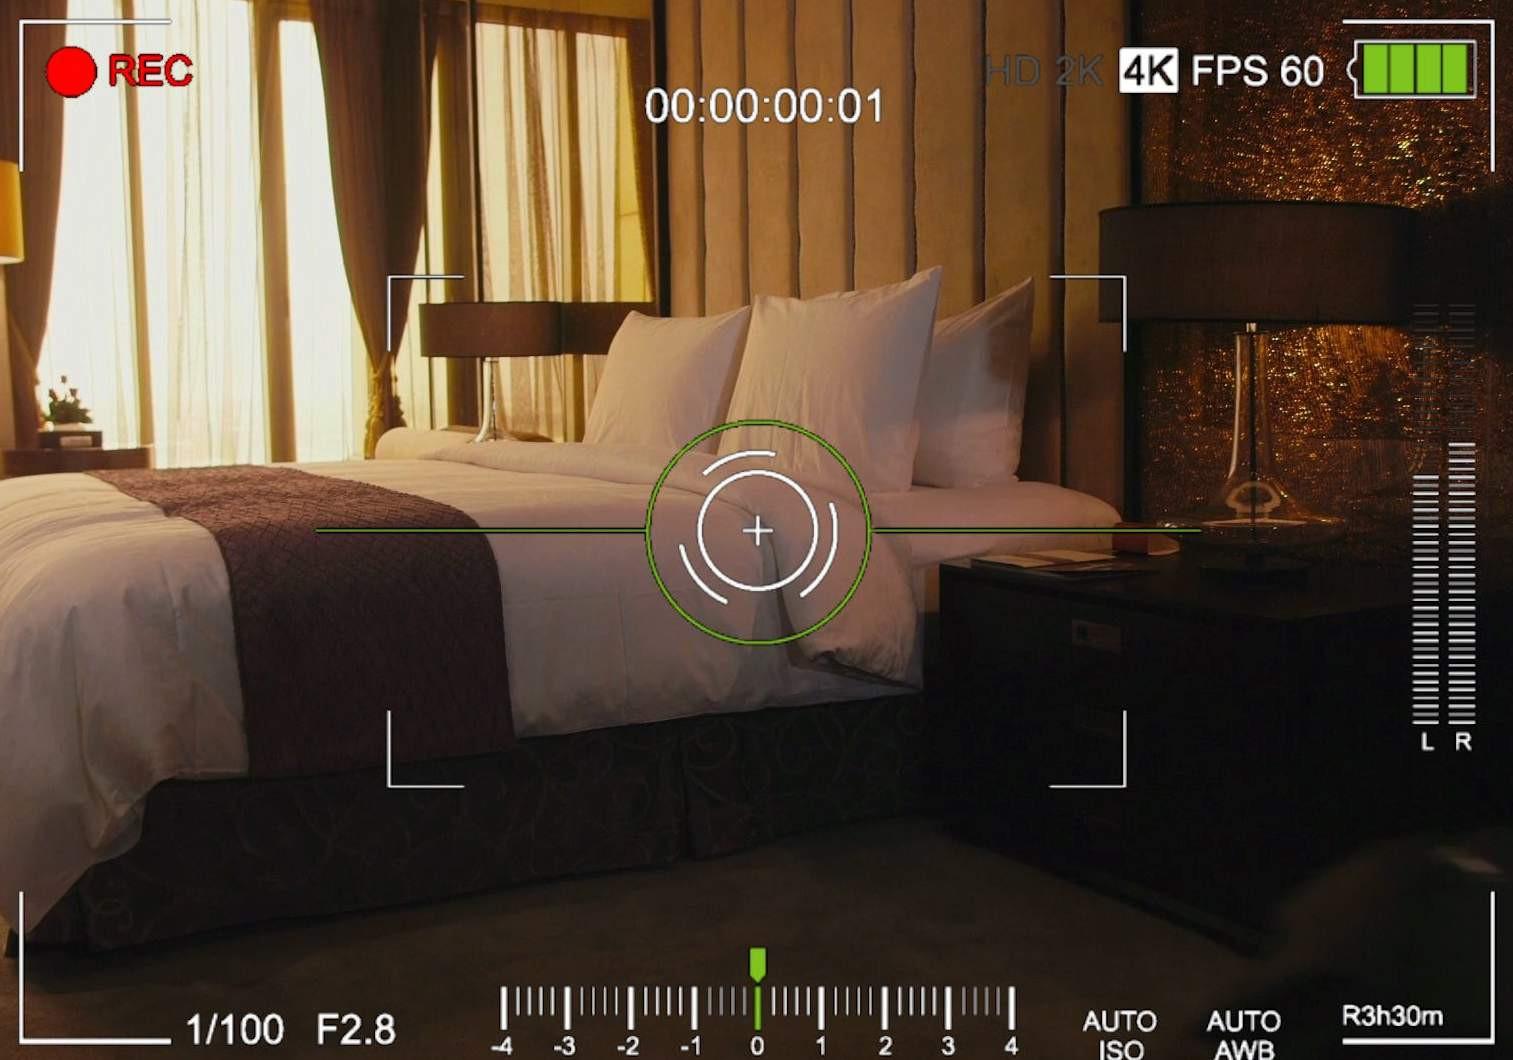 Evdeki kameranın şifresini kırıp dehşeti yaşattı!